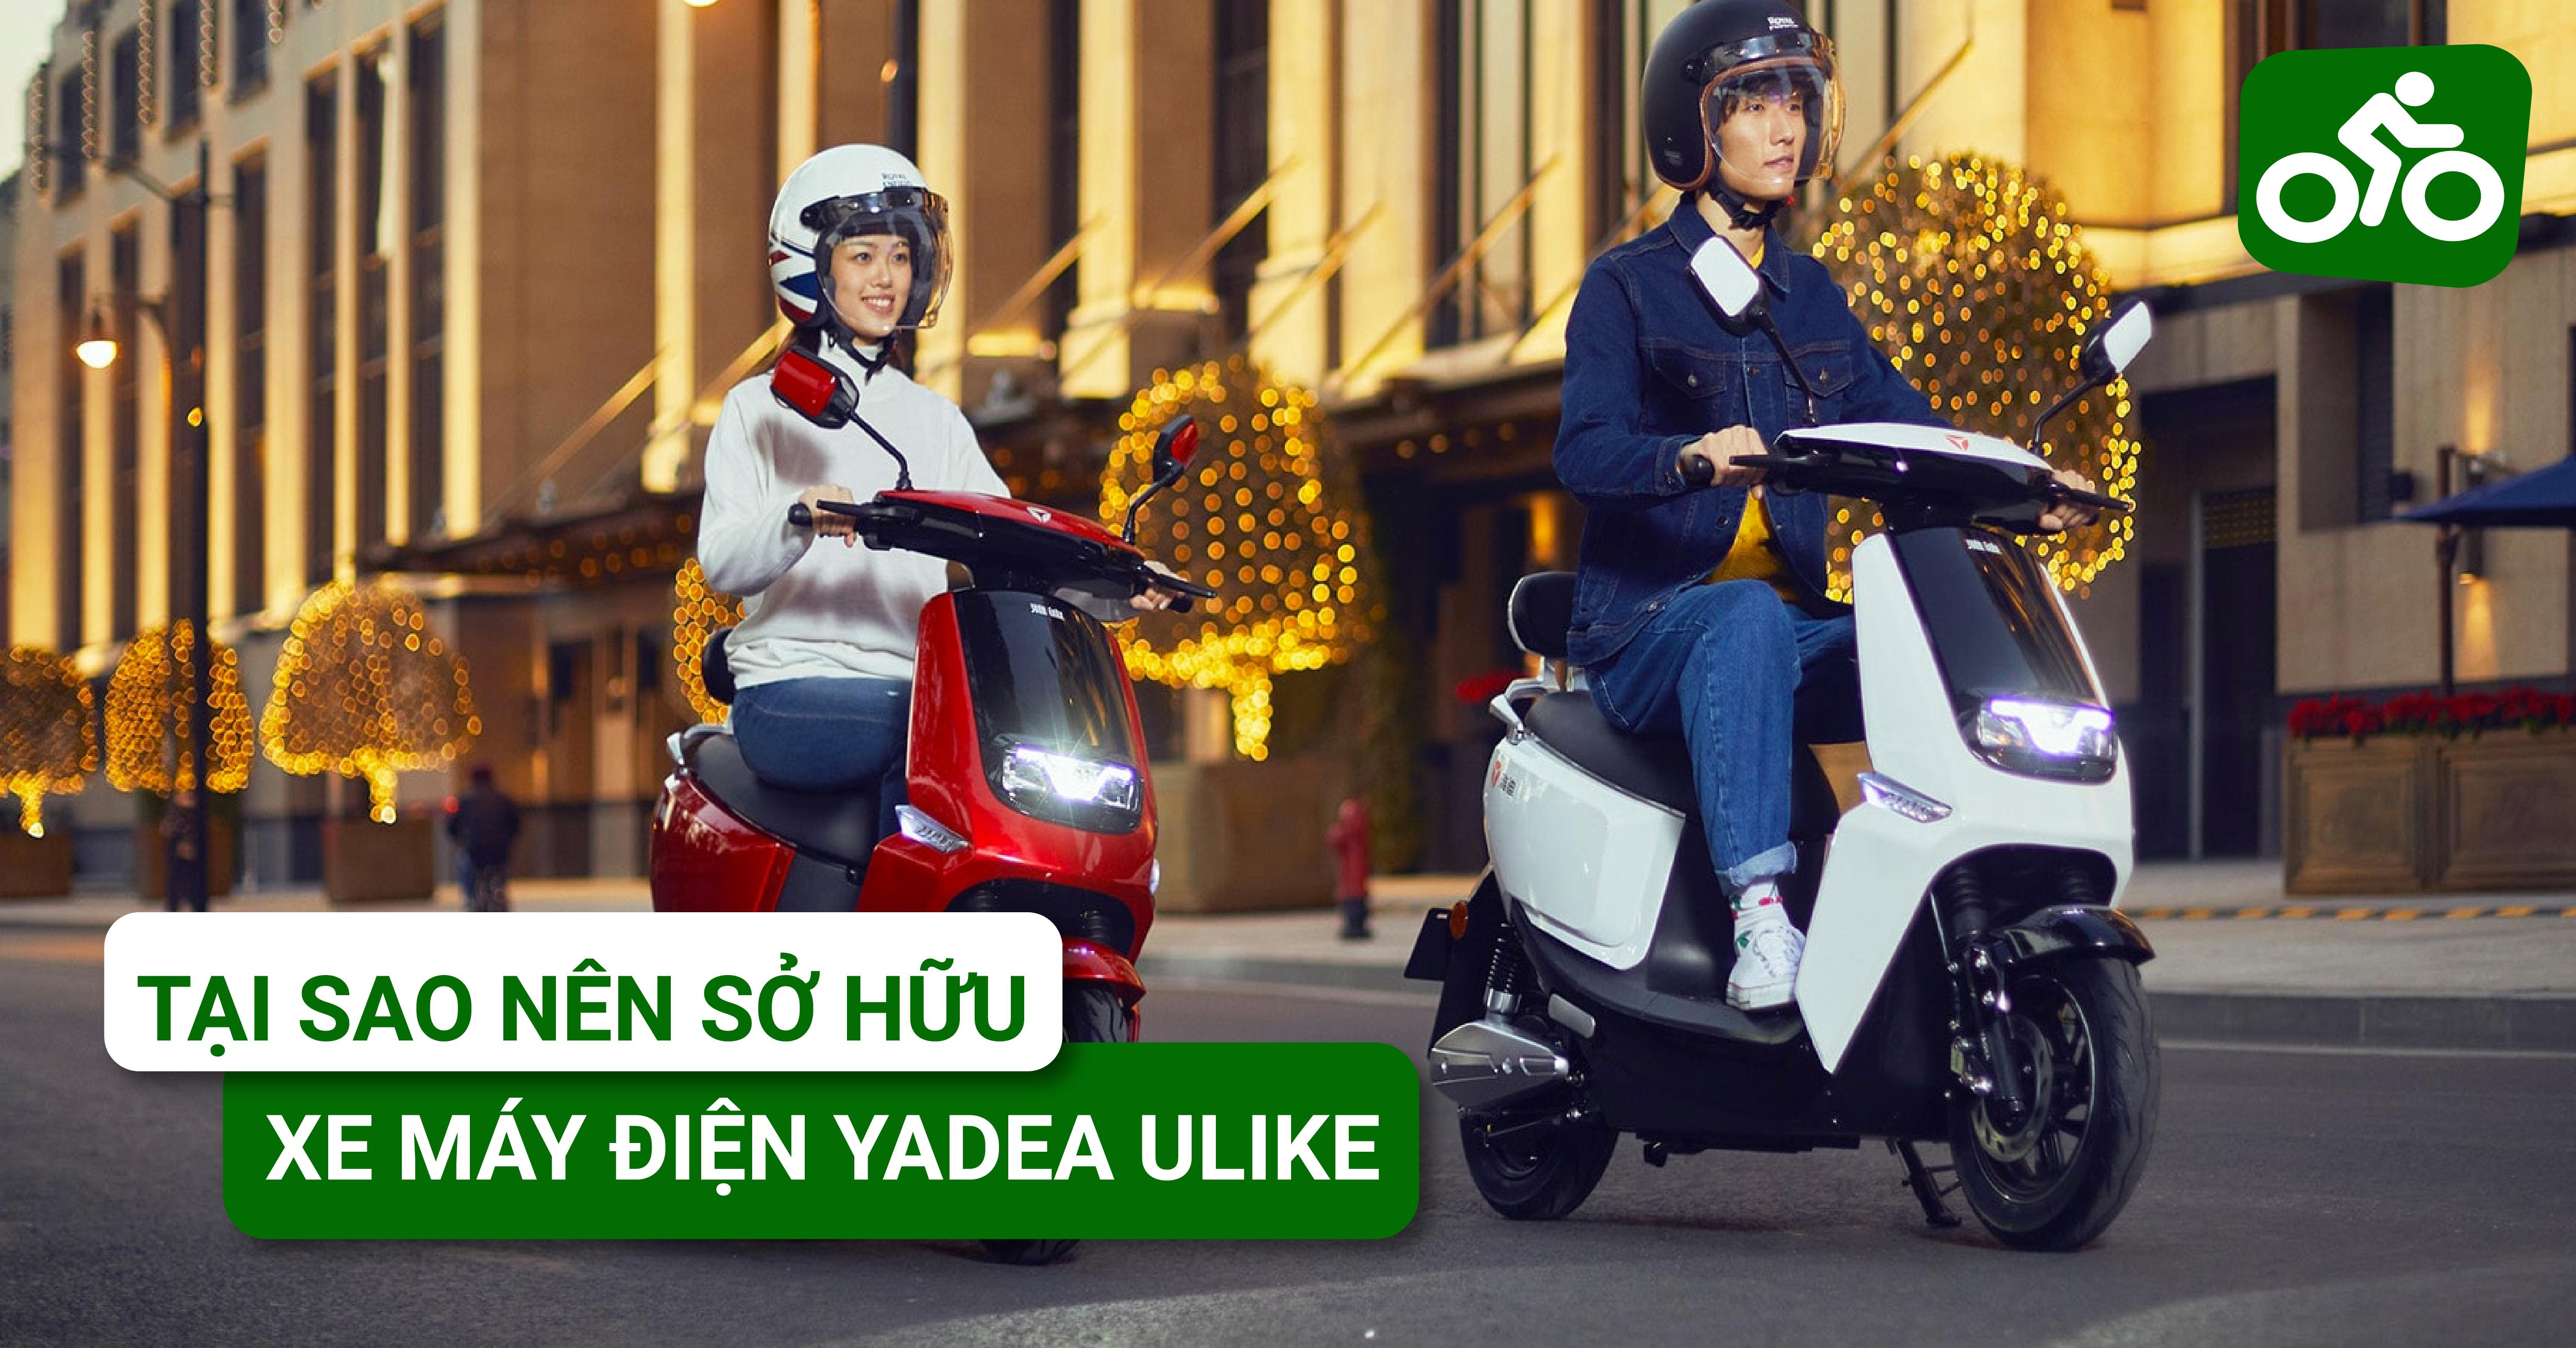 Tại sao nên sở hữu một chiếc xe máy điện YADEA Ulike cho mình?